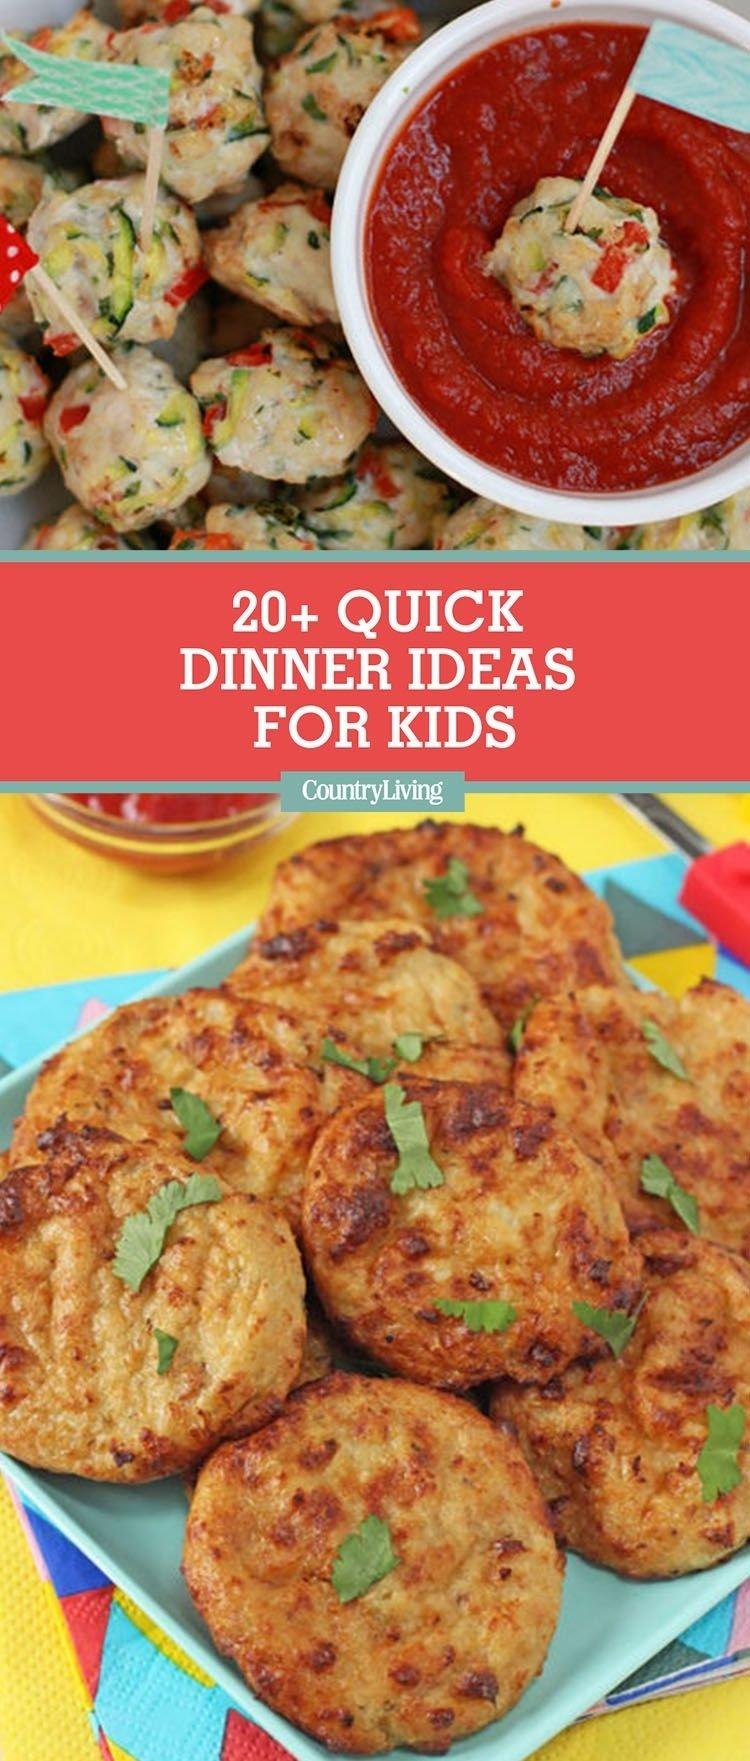 10 Stylish Good Dinner Ideas For Kids 20 easy dinner ideas for kids quick kid friendly dinner recipes 3 2020